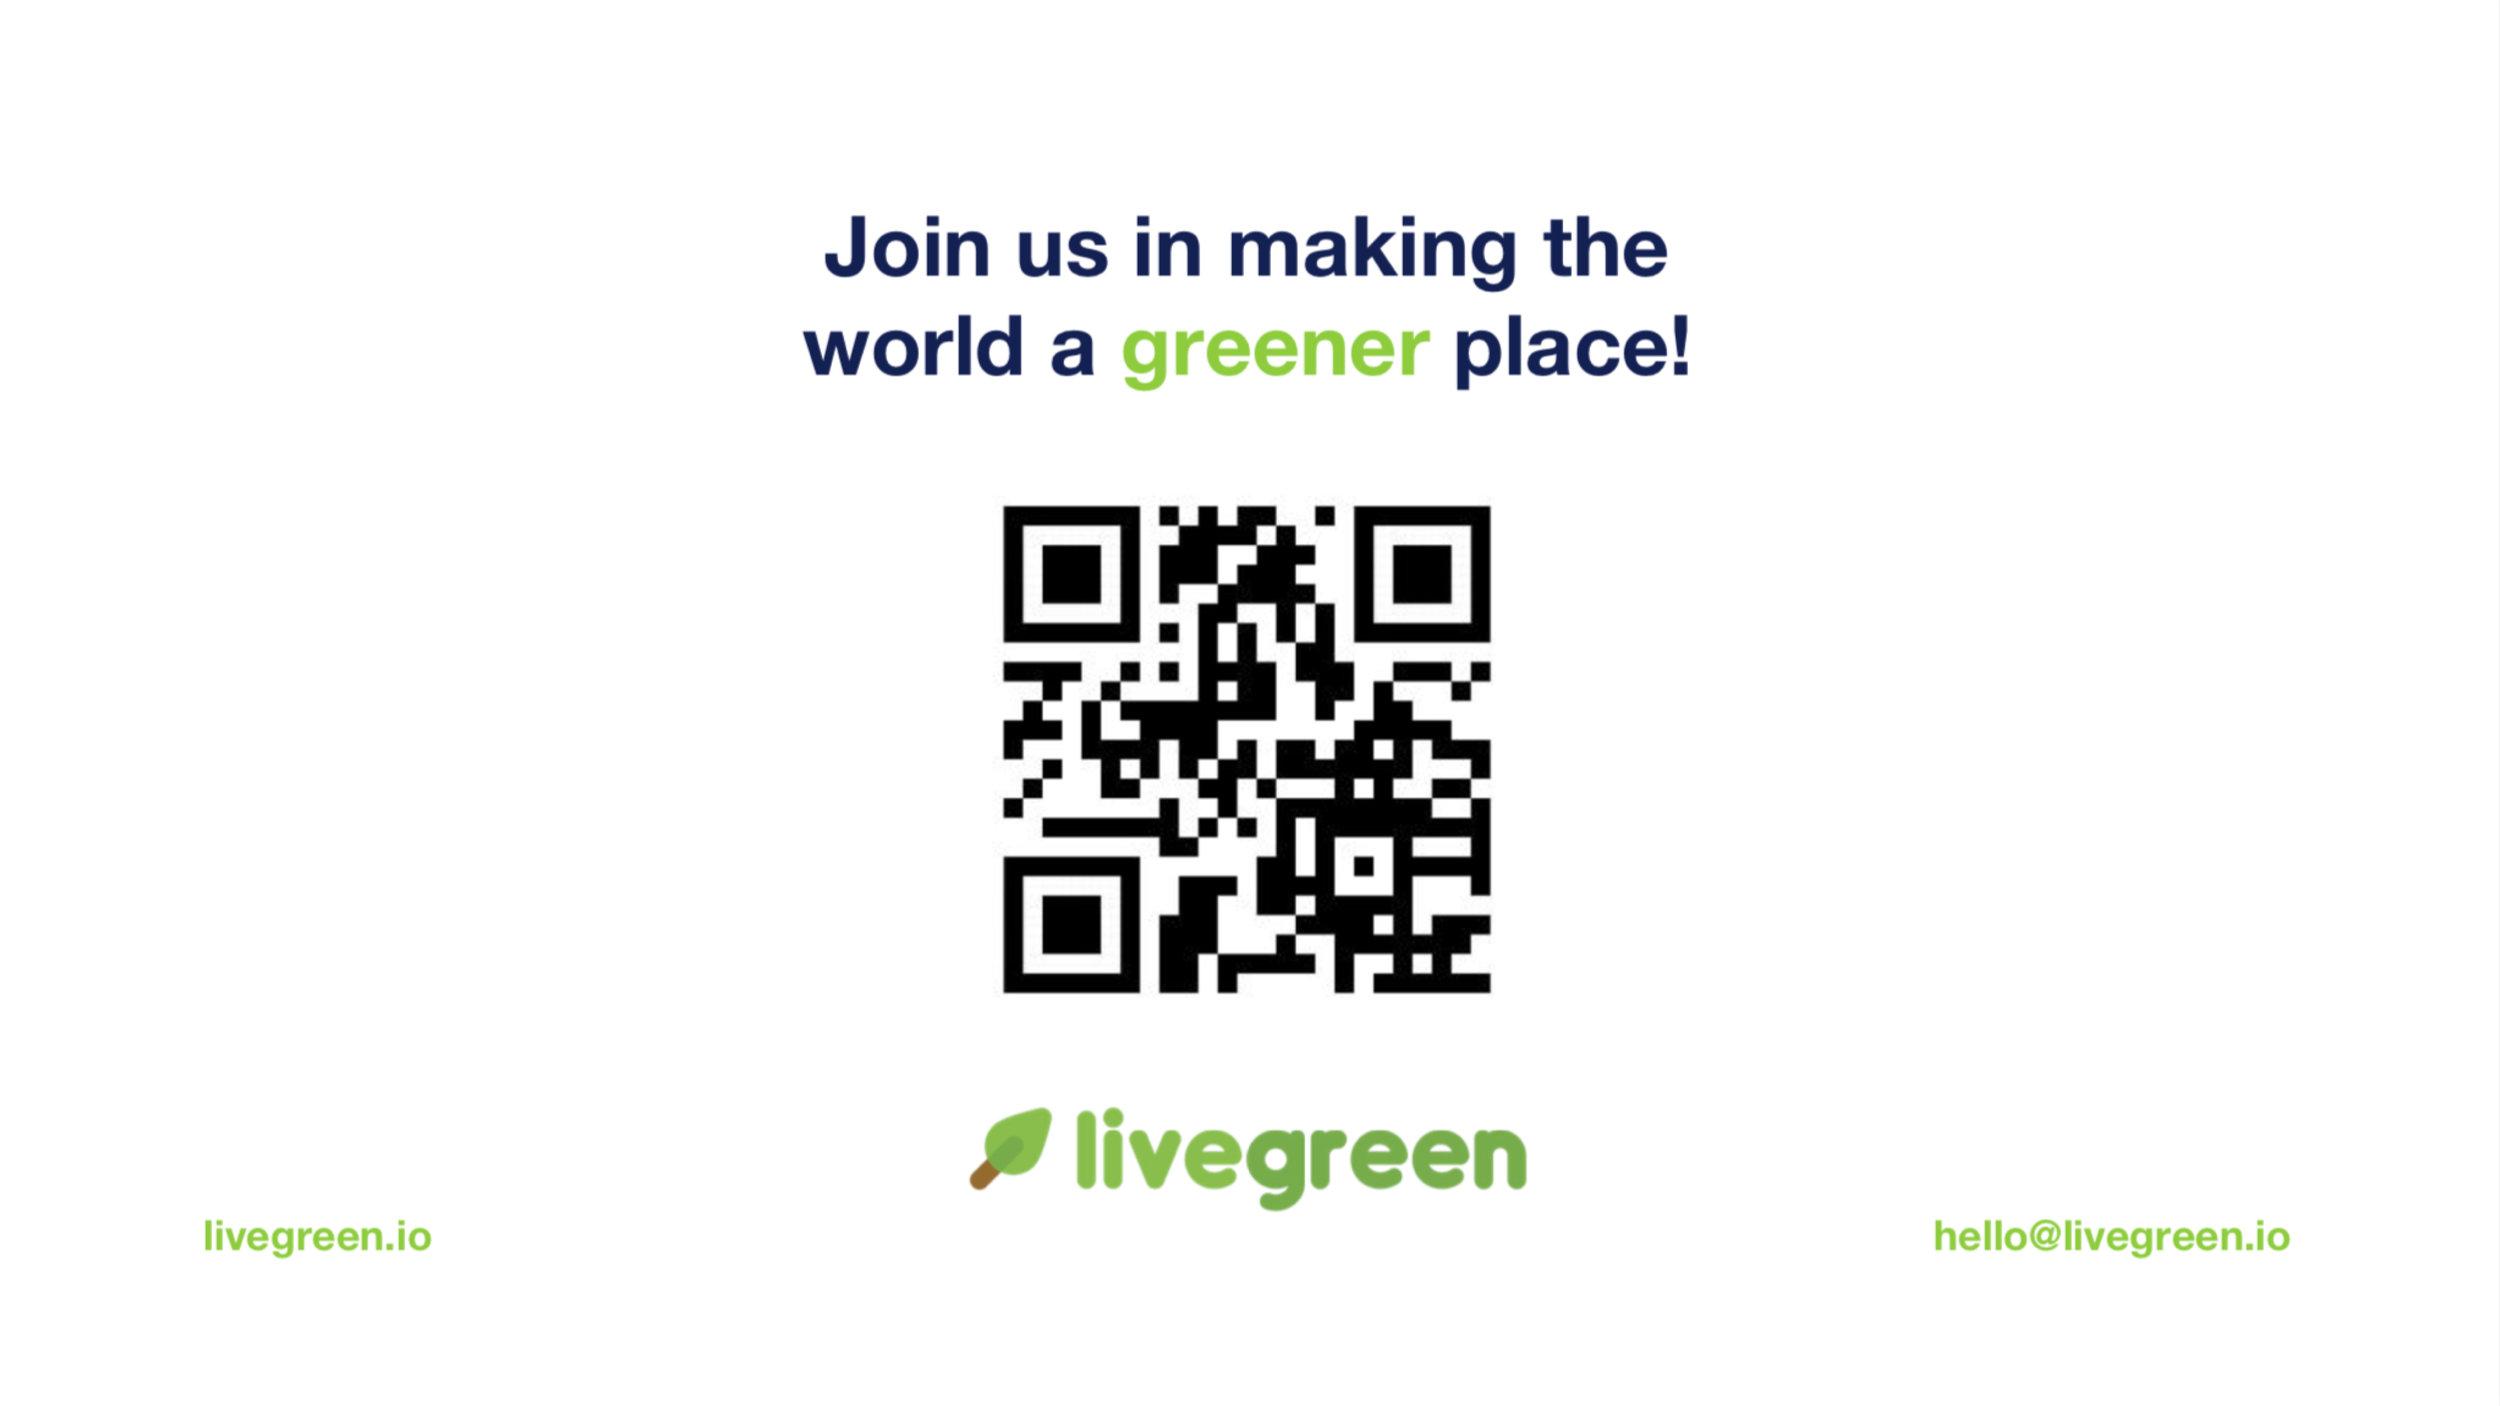 LiveGreen_Pitch Deck_12062018-19.jpg